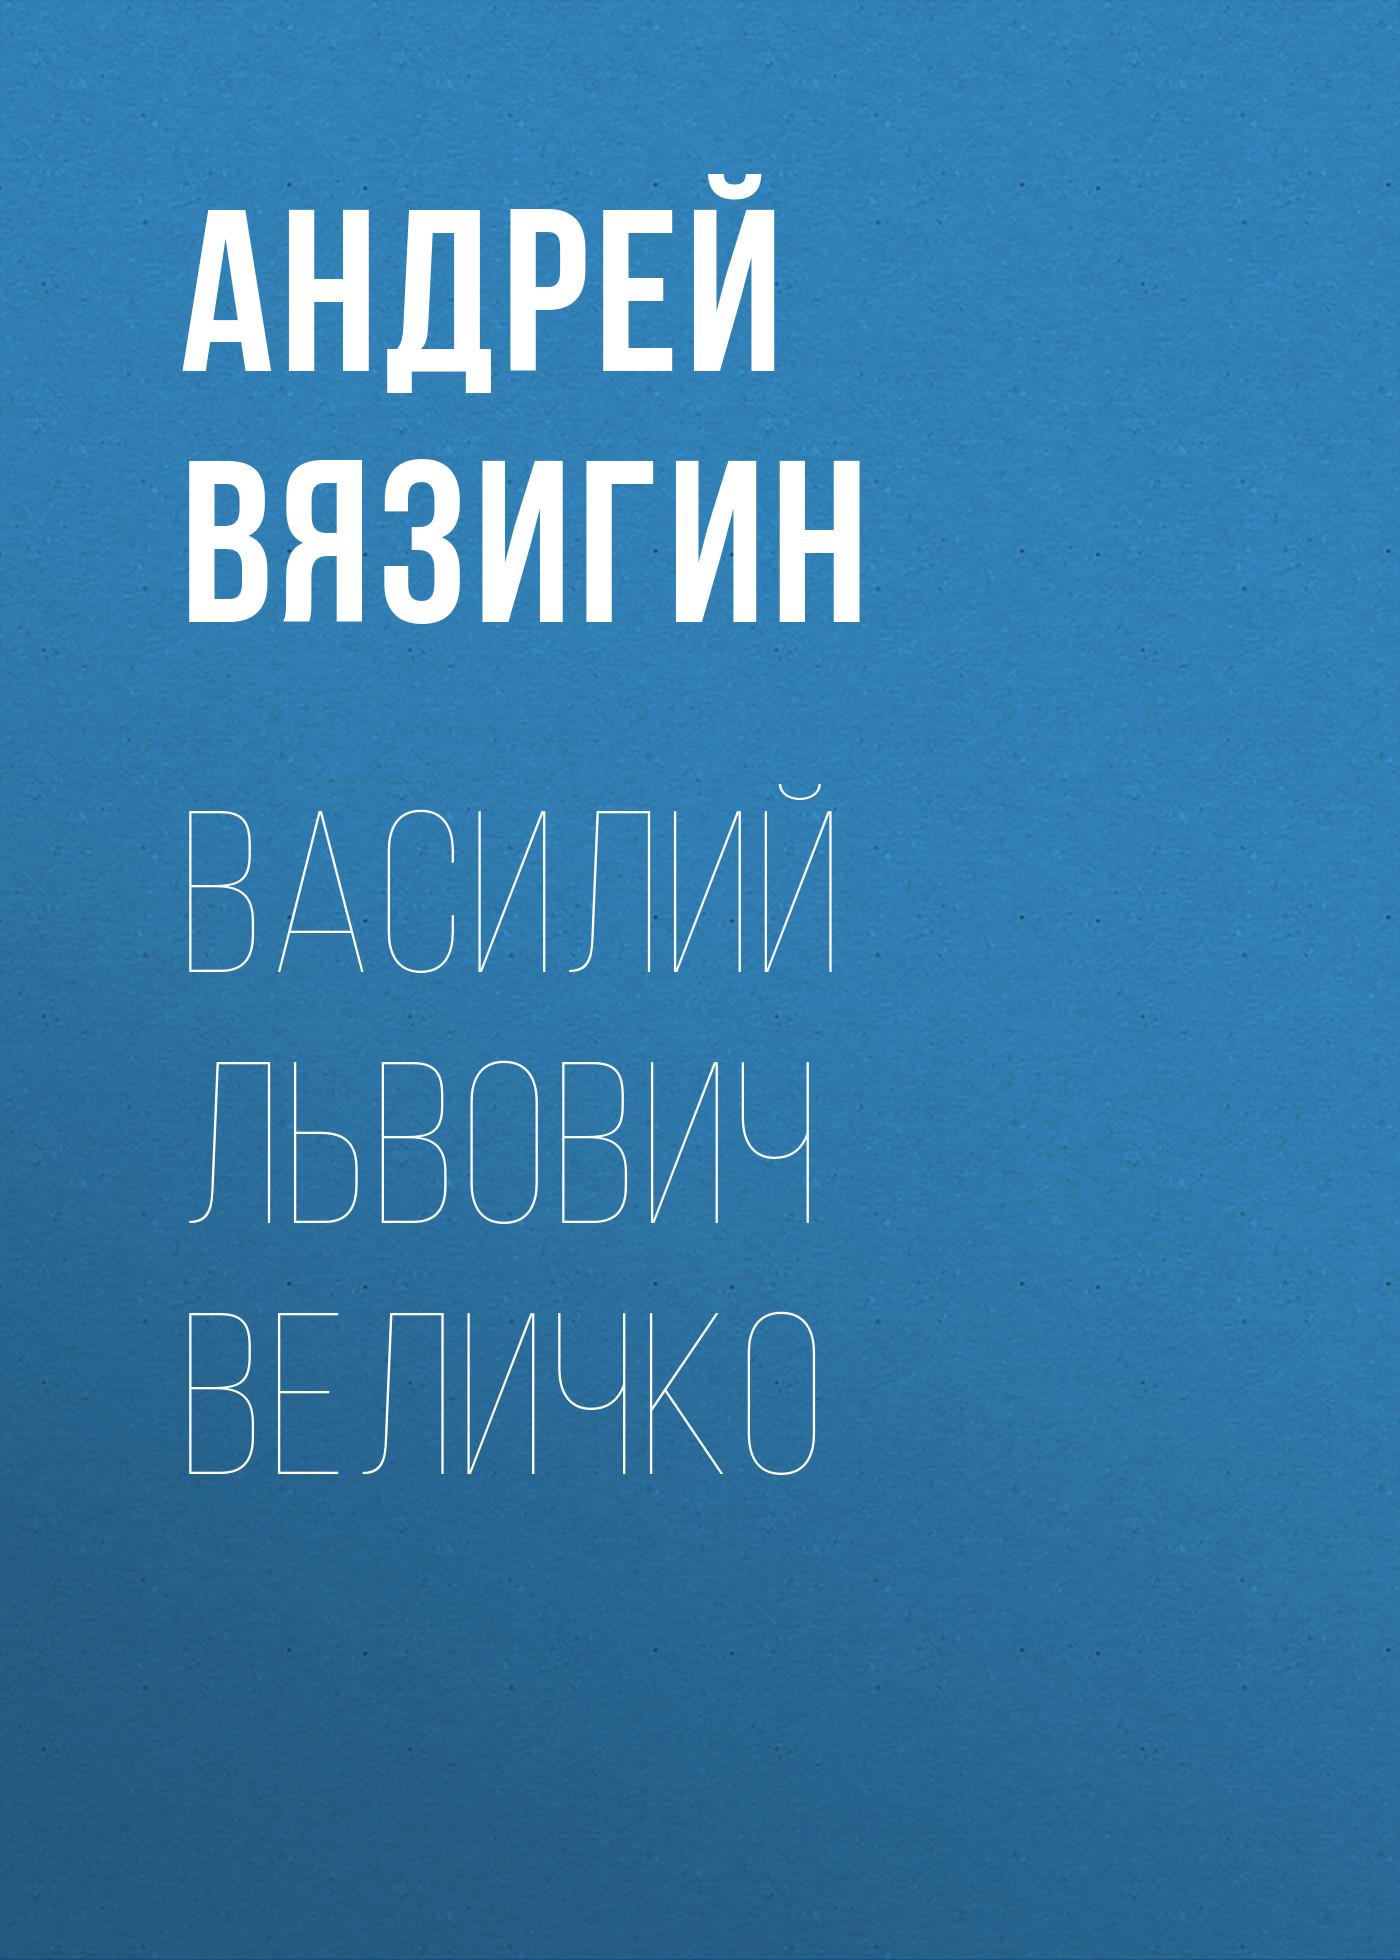 Андрей Вязигин Василий Львович Величко безнародная демократия трудовая группа в государственной думе